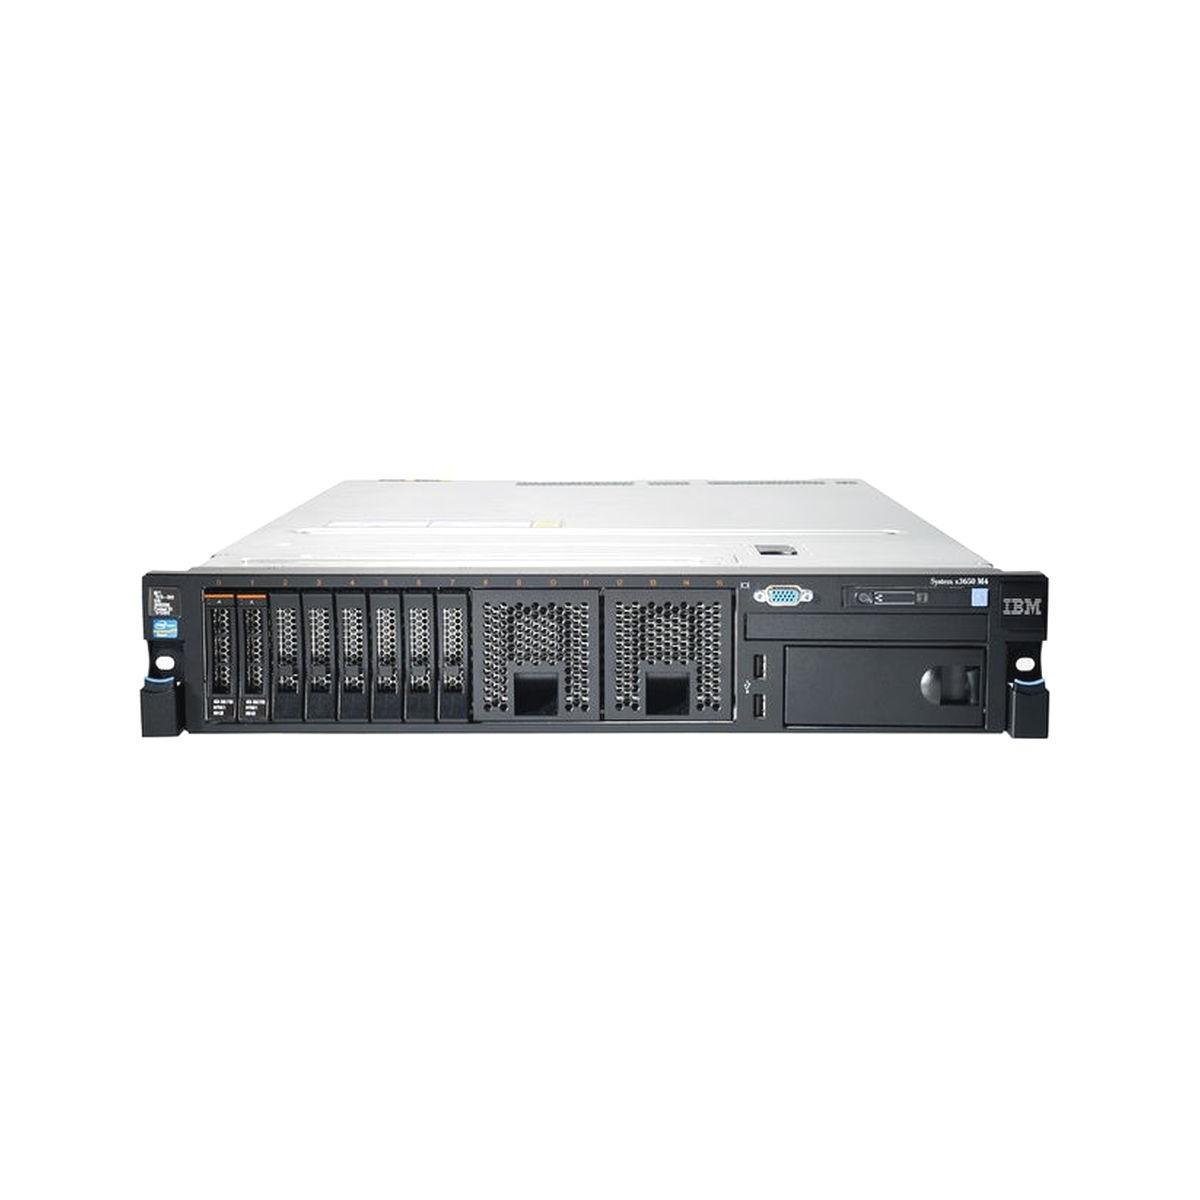 HP Z220 SFF 3.4QC i5 3570 4GB 500GB WIN10 PRO REF